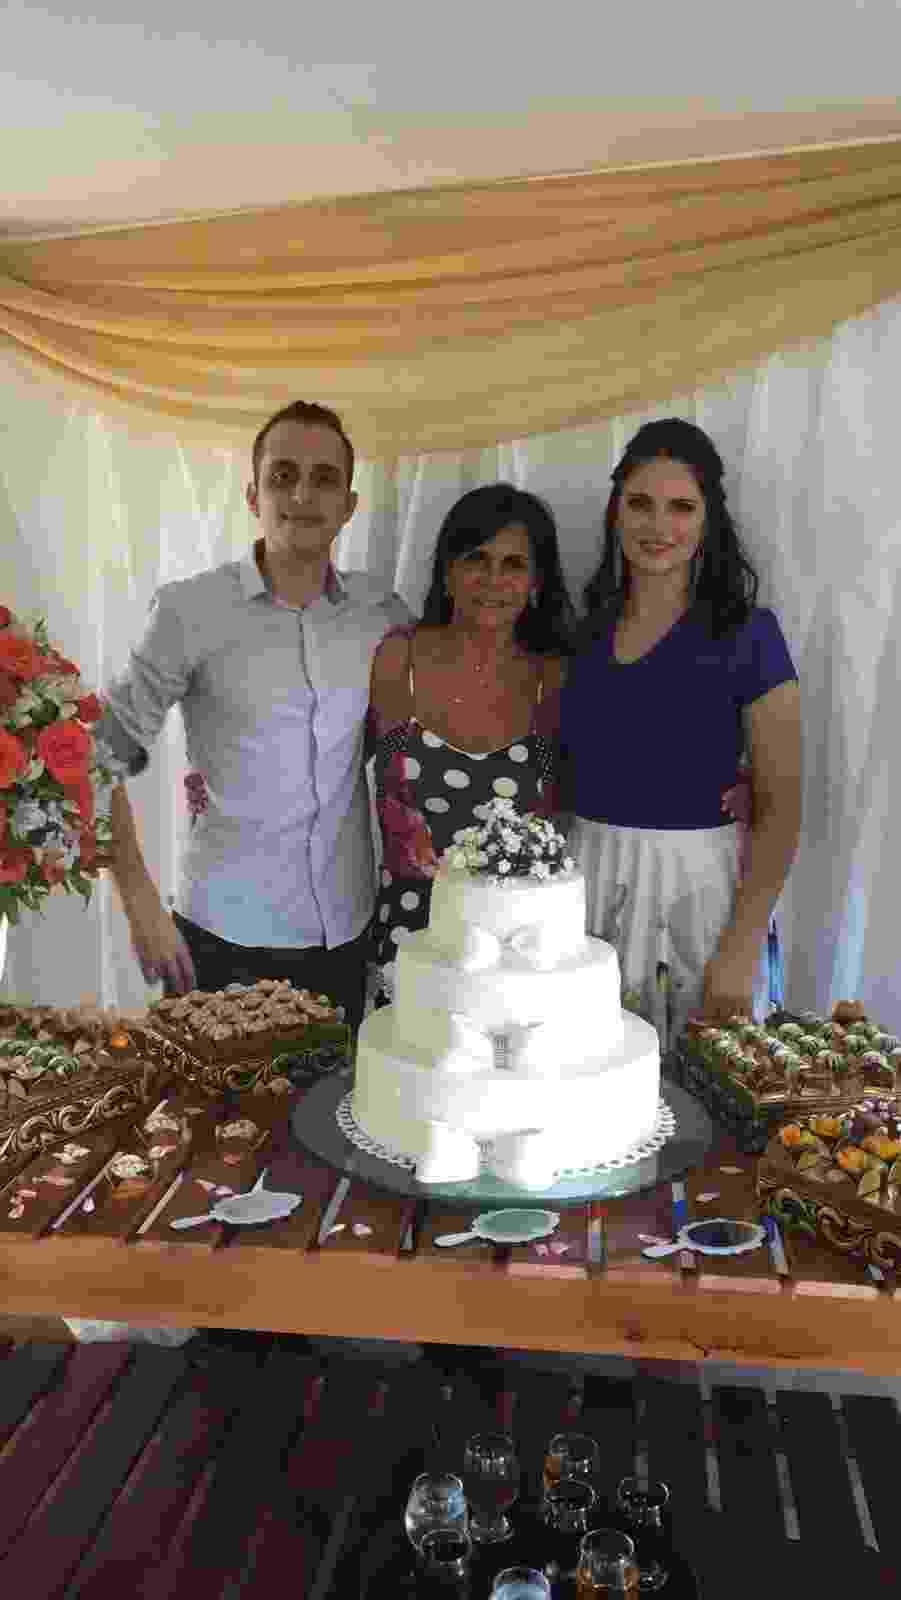 Recentemente Gretchen abriu o Espaço das Marias em Jaboatão dos Guararapes, em Pernambuco para eventos e spa e foi no local que ela organizou a festa de casamento do seu terceiro filho Sergio Aversani, de 25 anos, com a psicóloga Rafaella Cecconelo - Divulgação